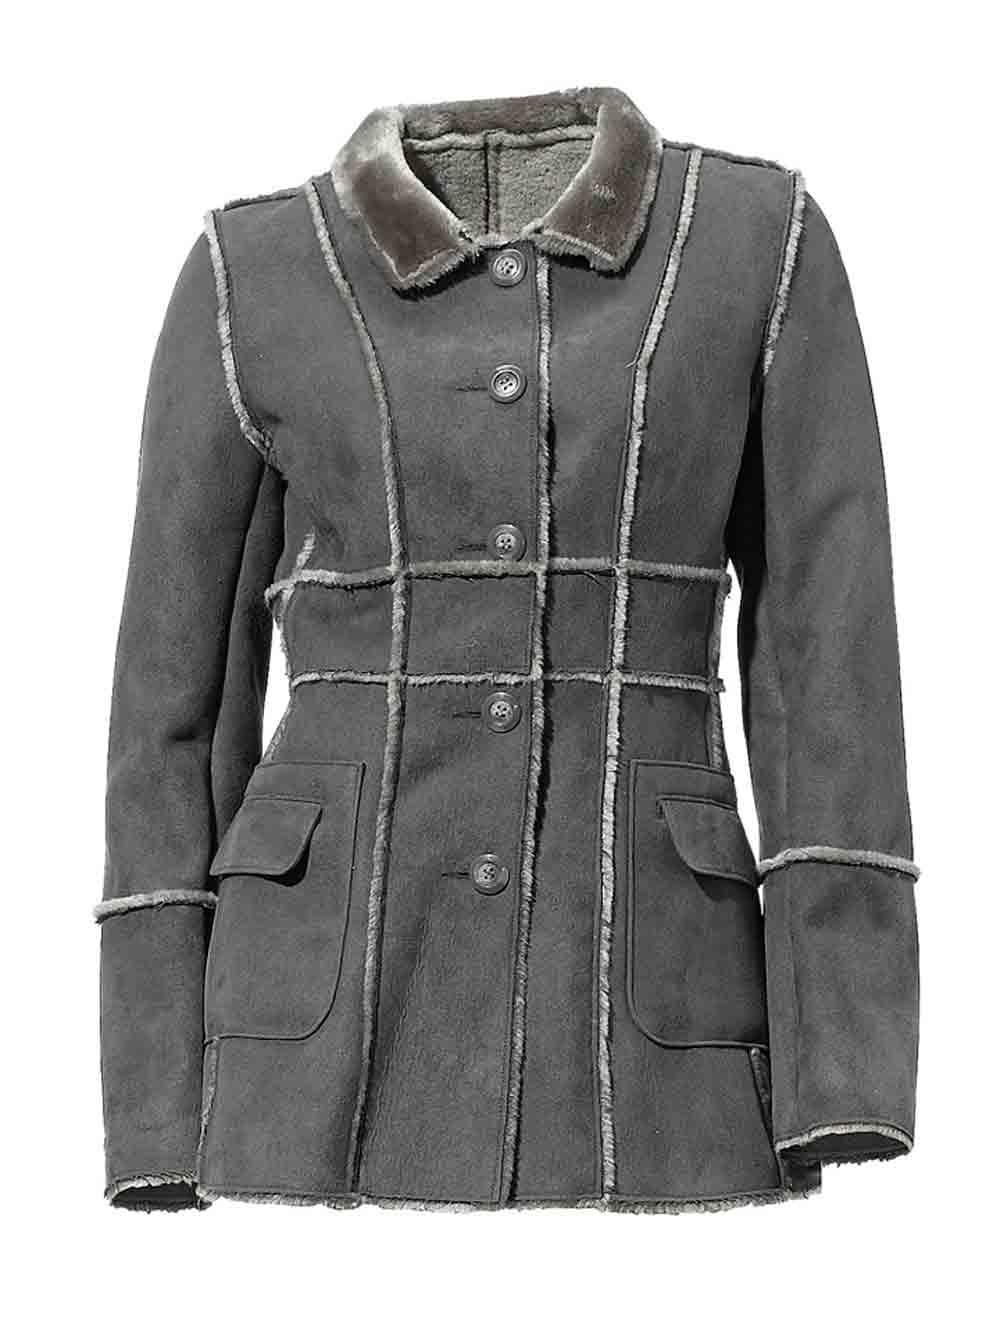 Dámská bunda z umělé kožešiny šedá (Heine)